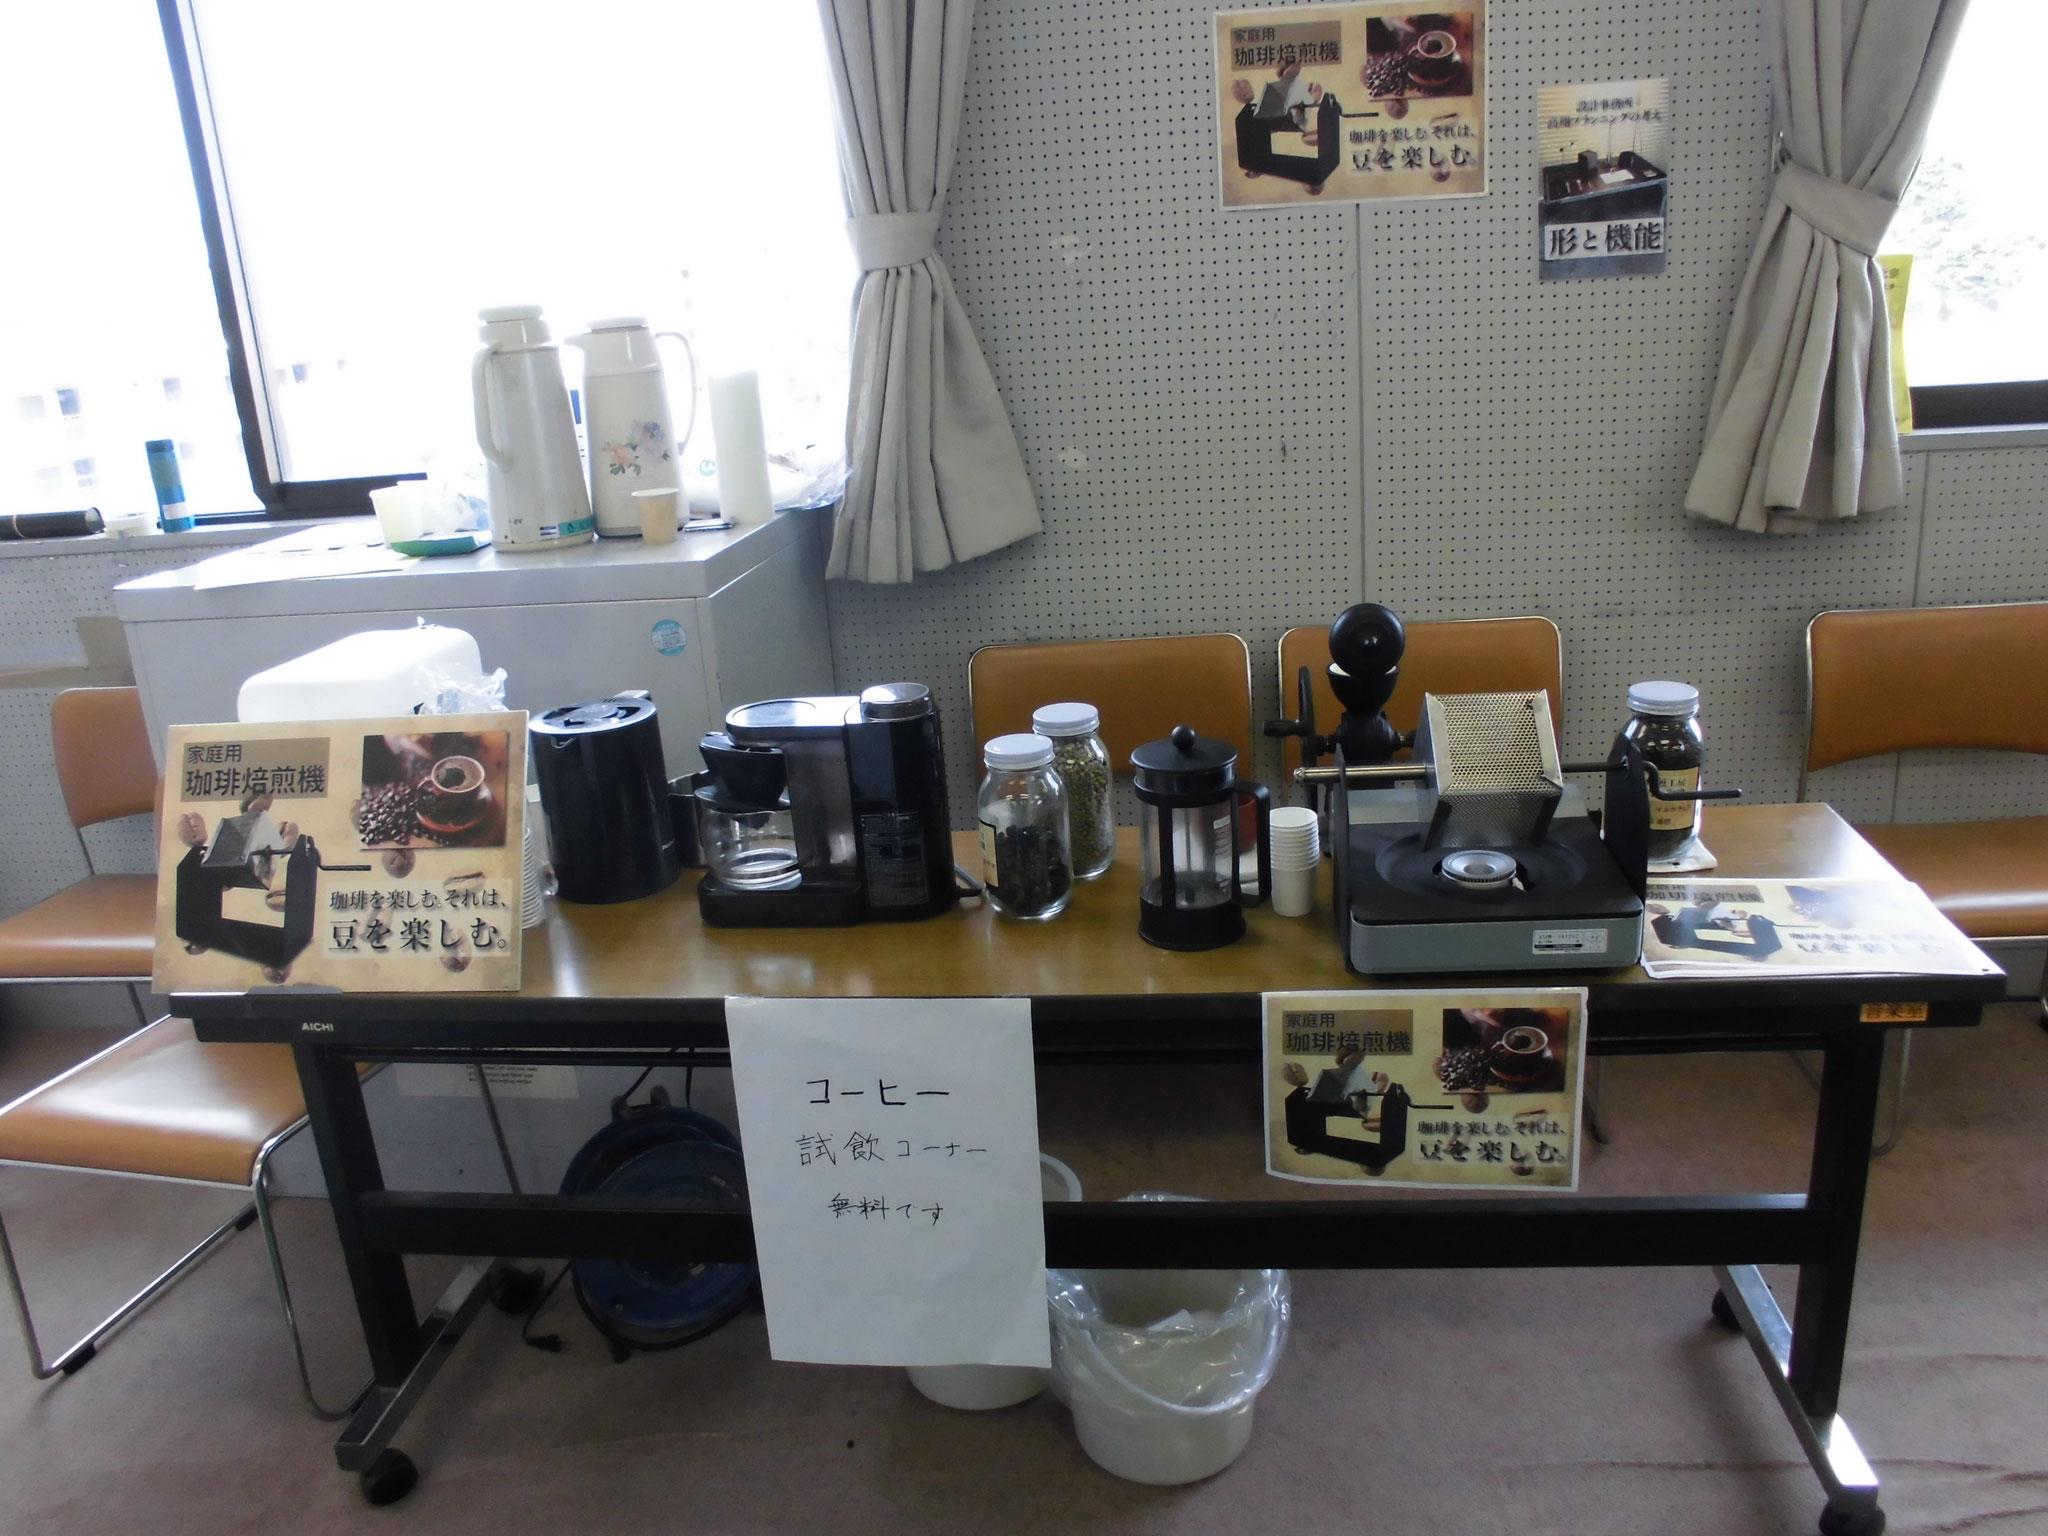 なんなん広場文化祭コーヒーコーナー